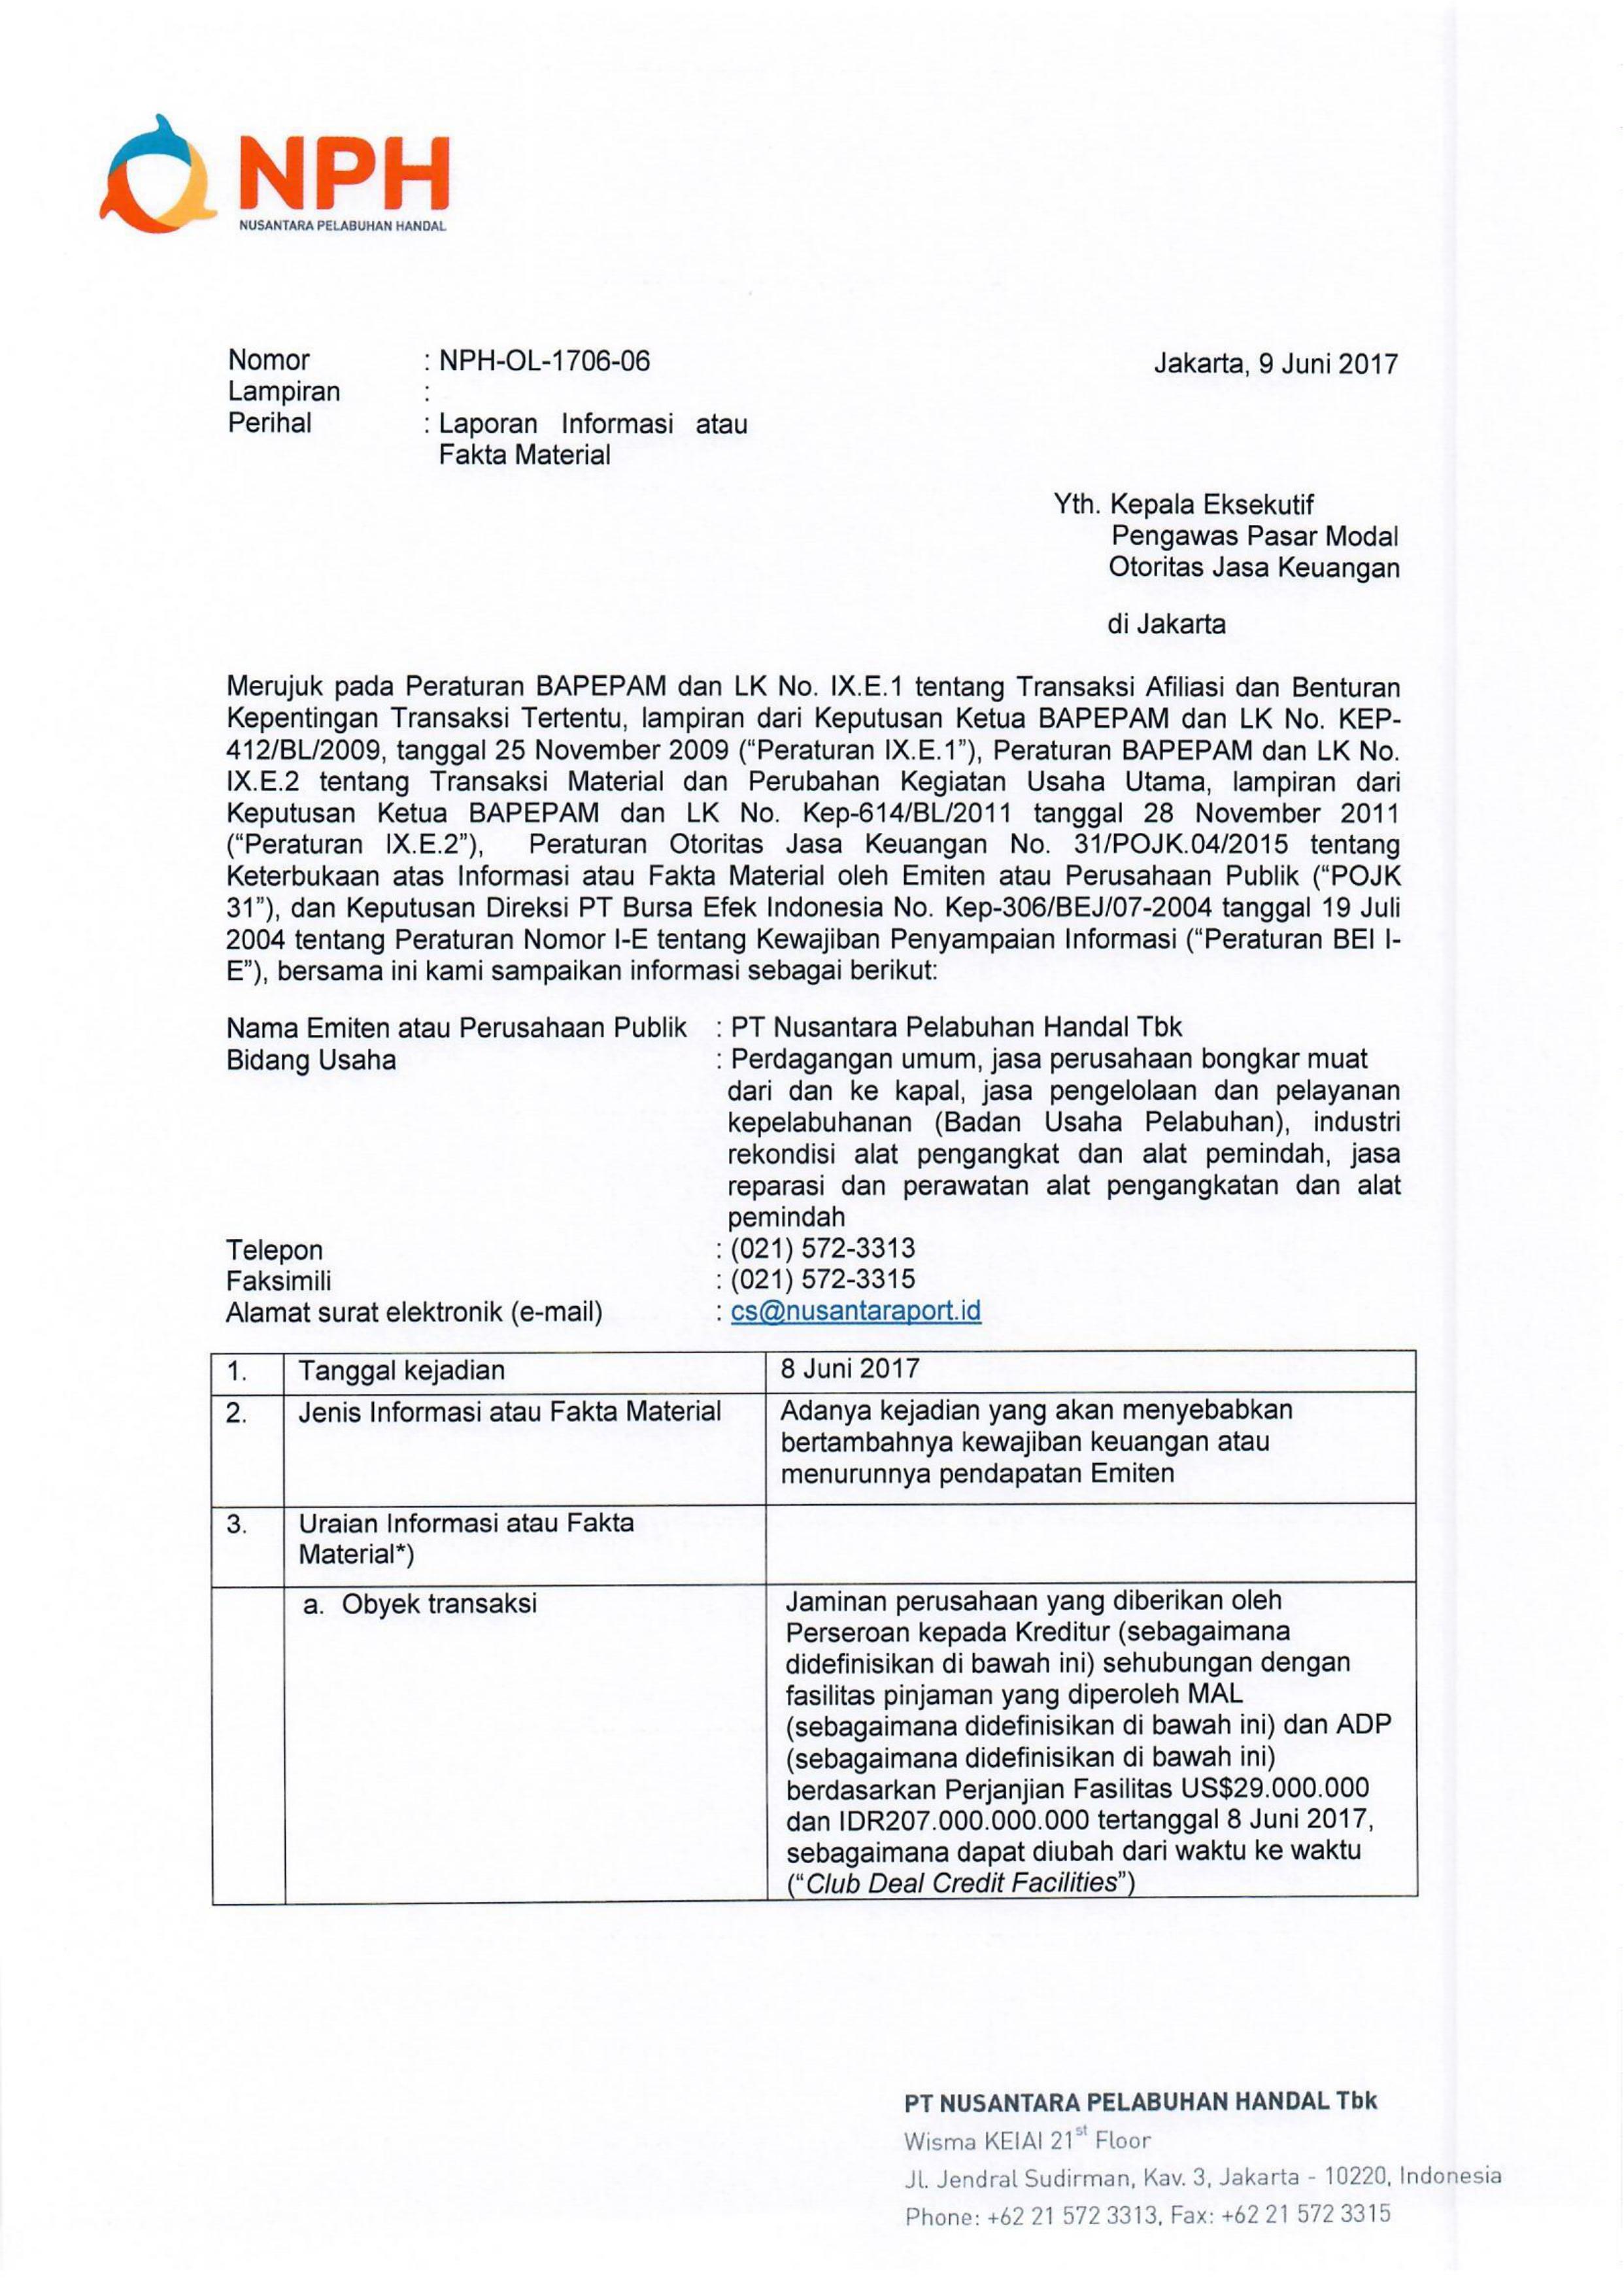 Info Memo - Perjanjian Fasilitas sebesar USD 29,000,000.00 dan Rp 207.000.000.000 tanggal 8 Juni 2017